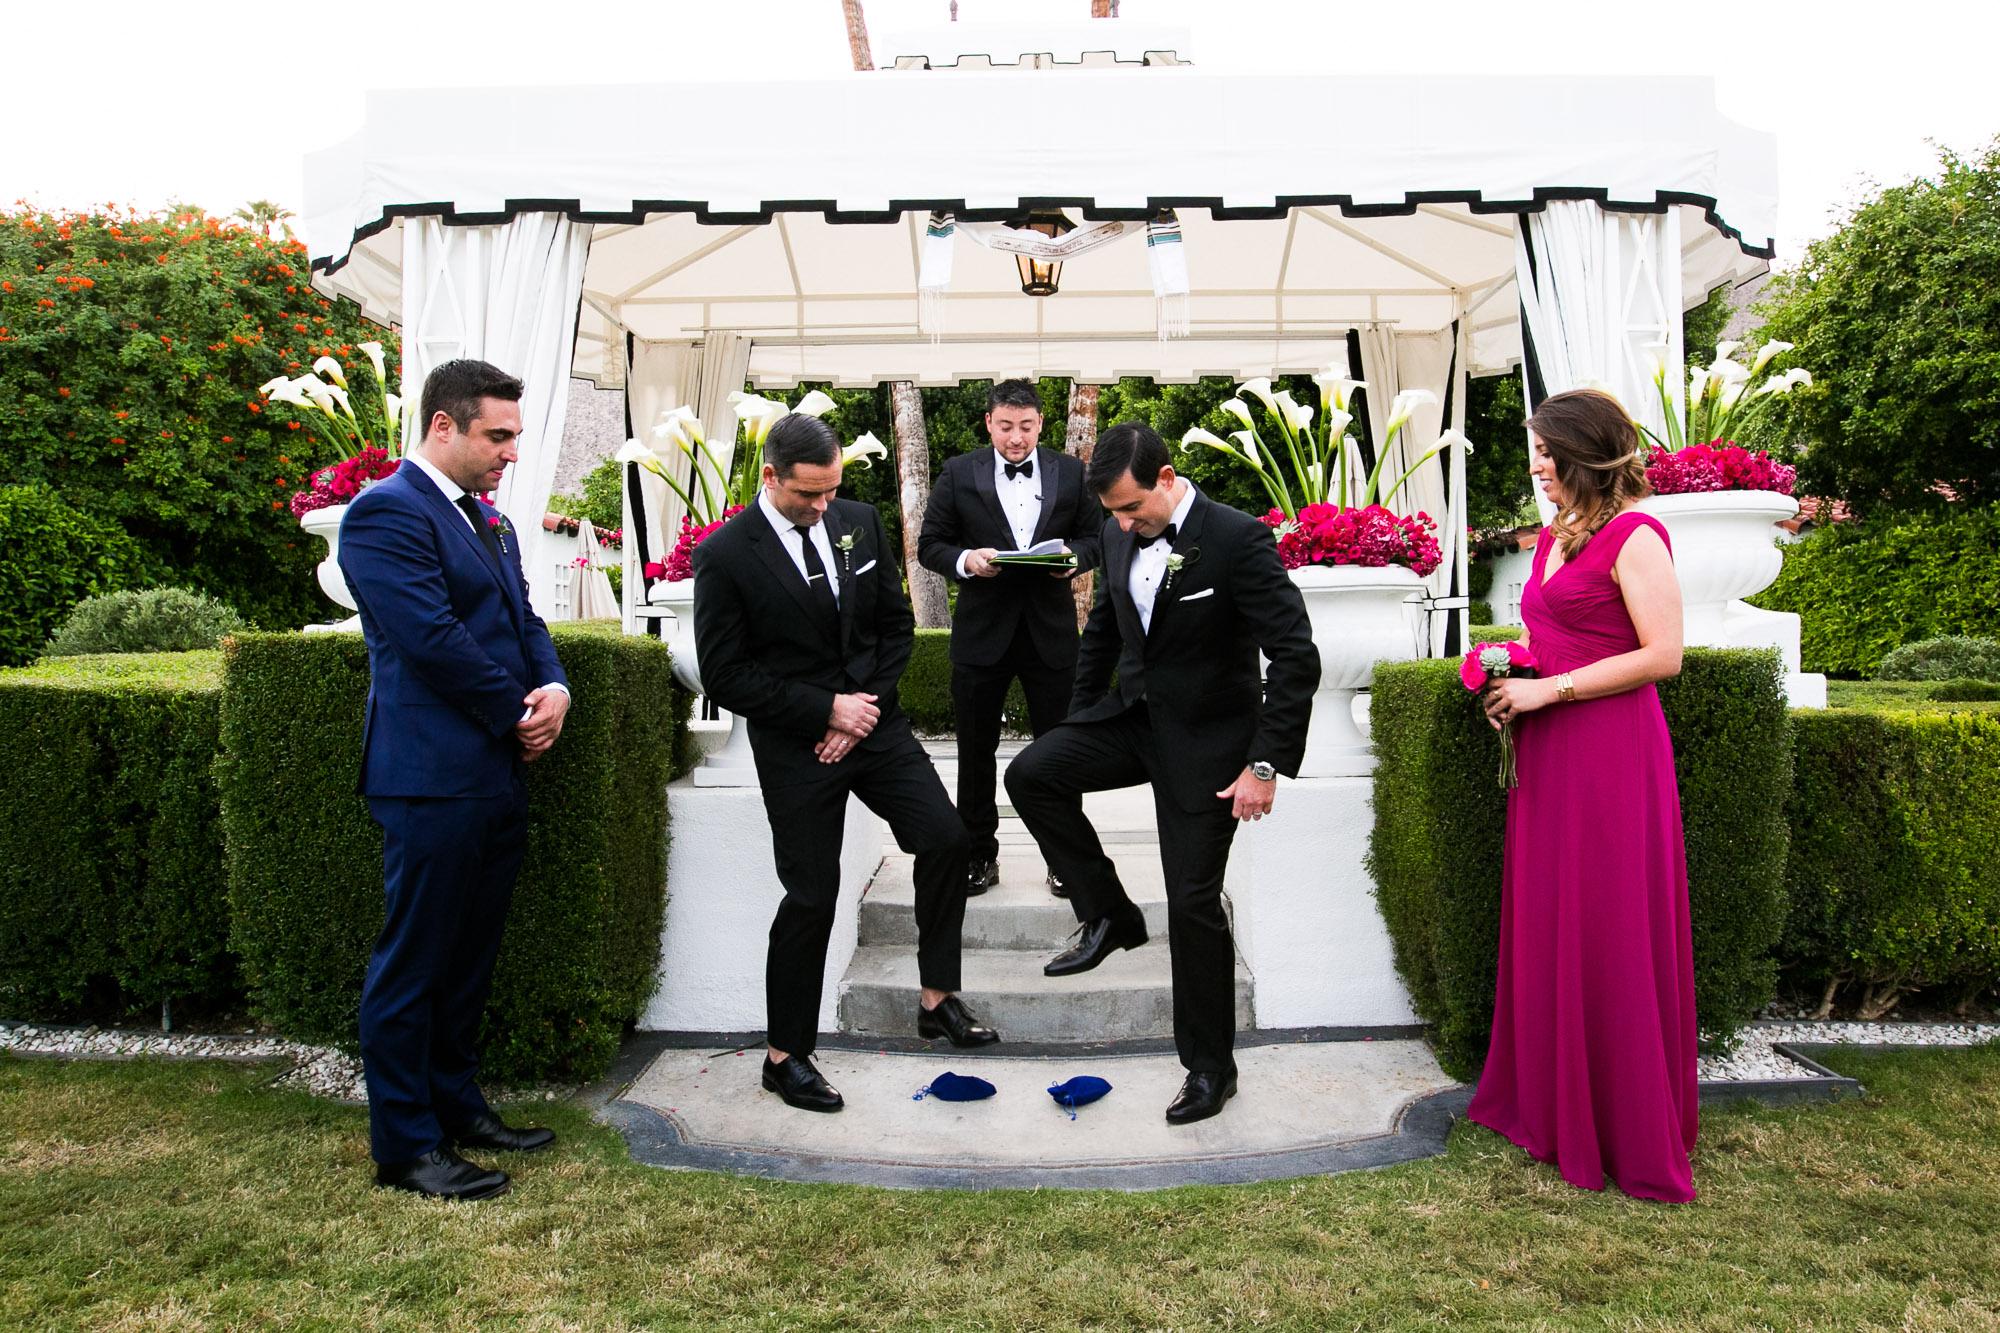 550-151025-Shane-Josh-Wedding-5626-Edit